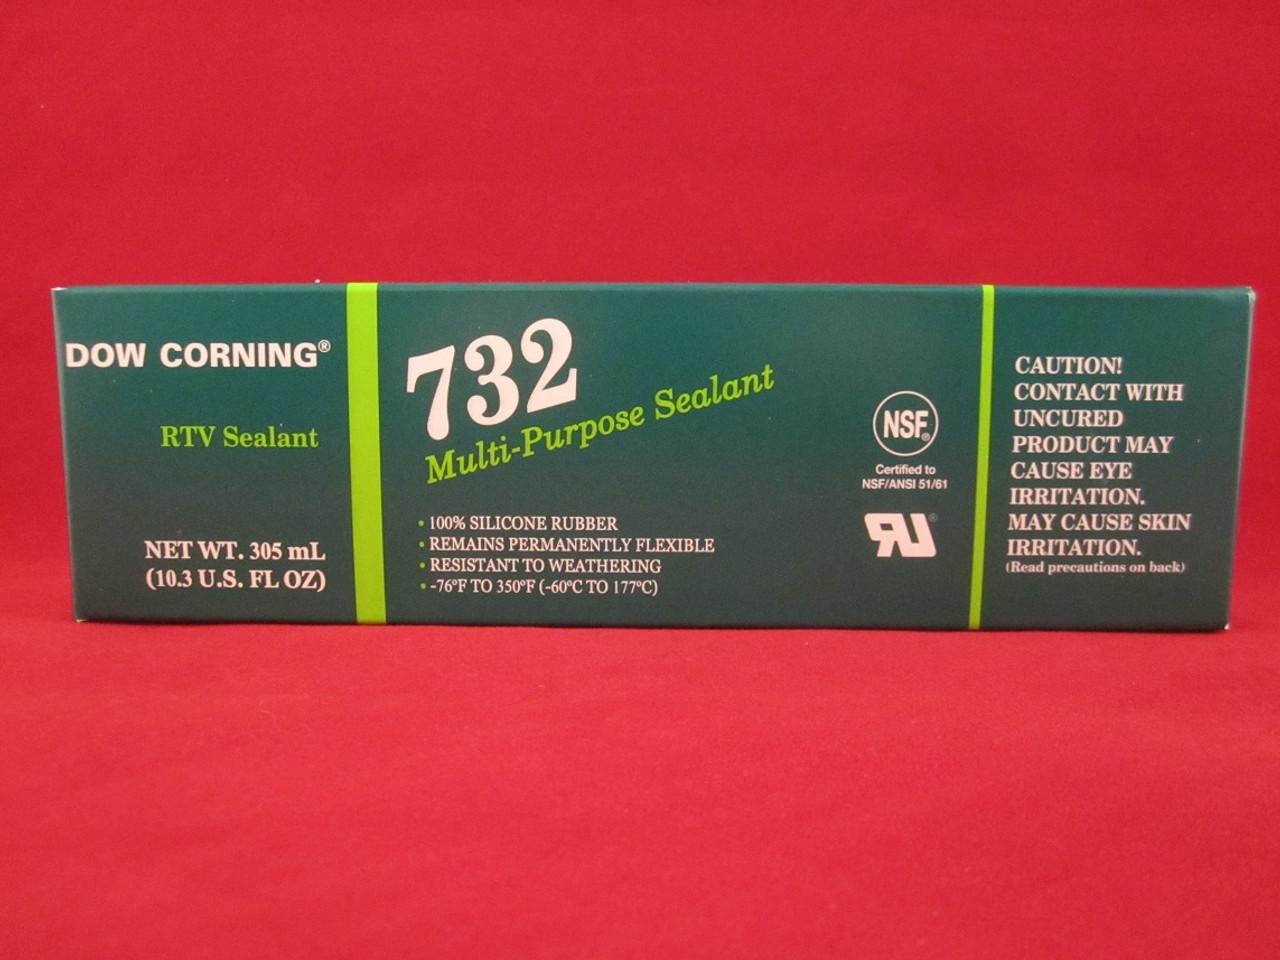 Dow Corning RTV732 Multi-Purpose Silicone Sealant - 305ml (10.3 oz) - Clear